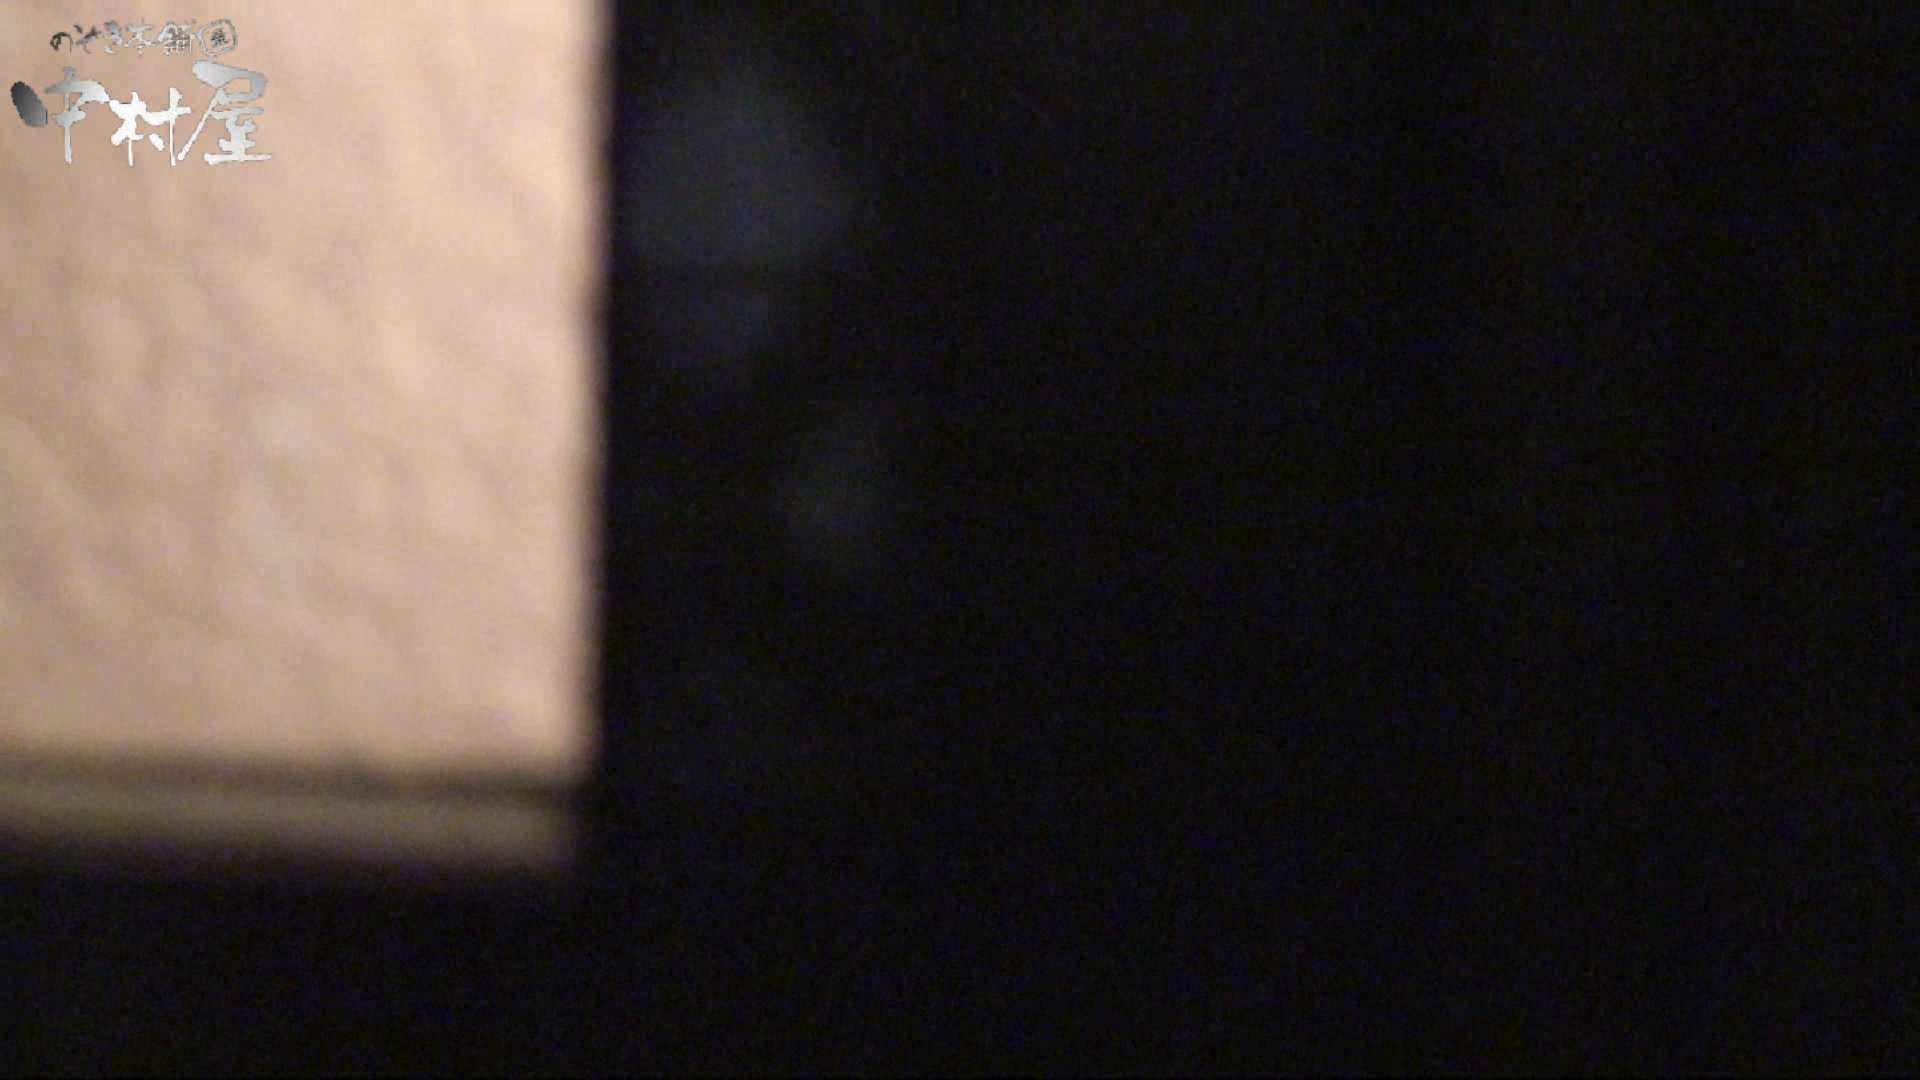 民家盗撮 隙間の向こう側 vol.01 盗撮 SEX無修正画像 105PICs 18